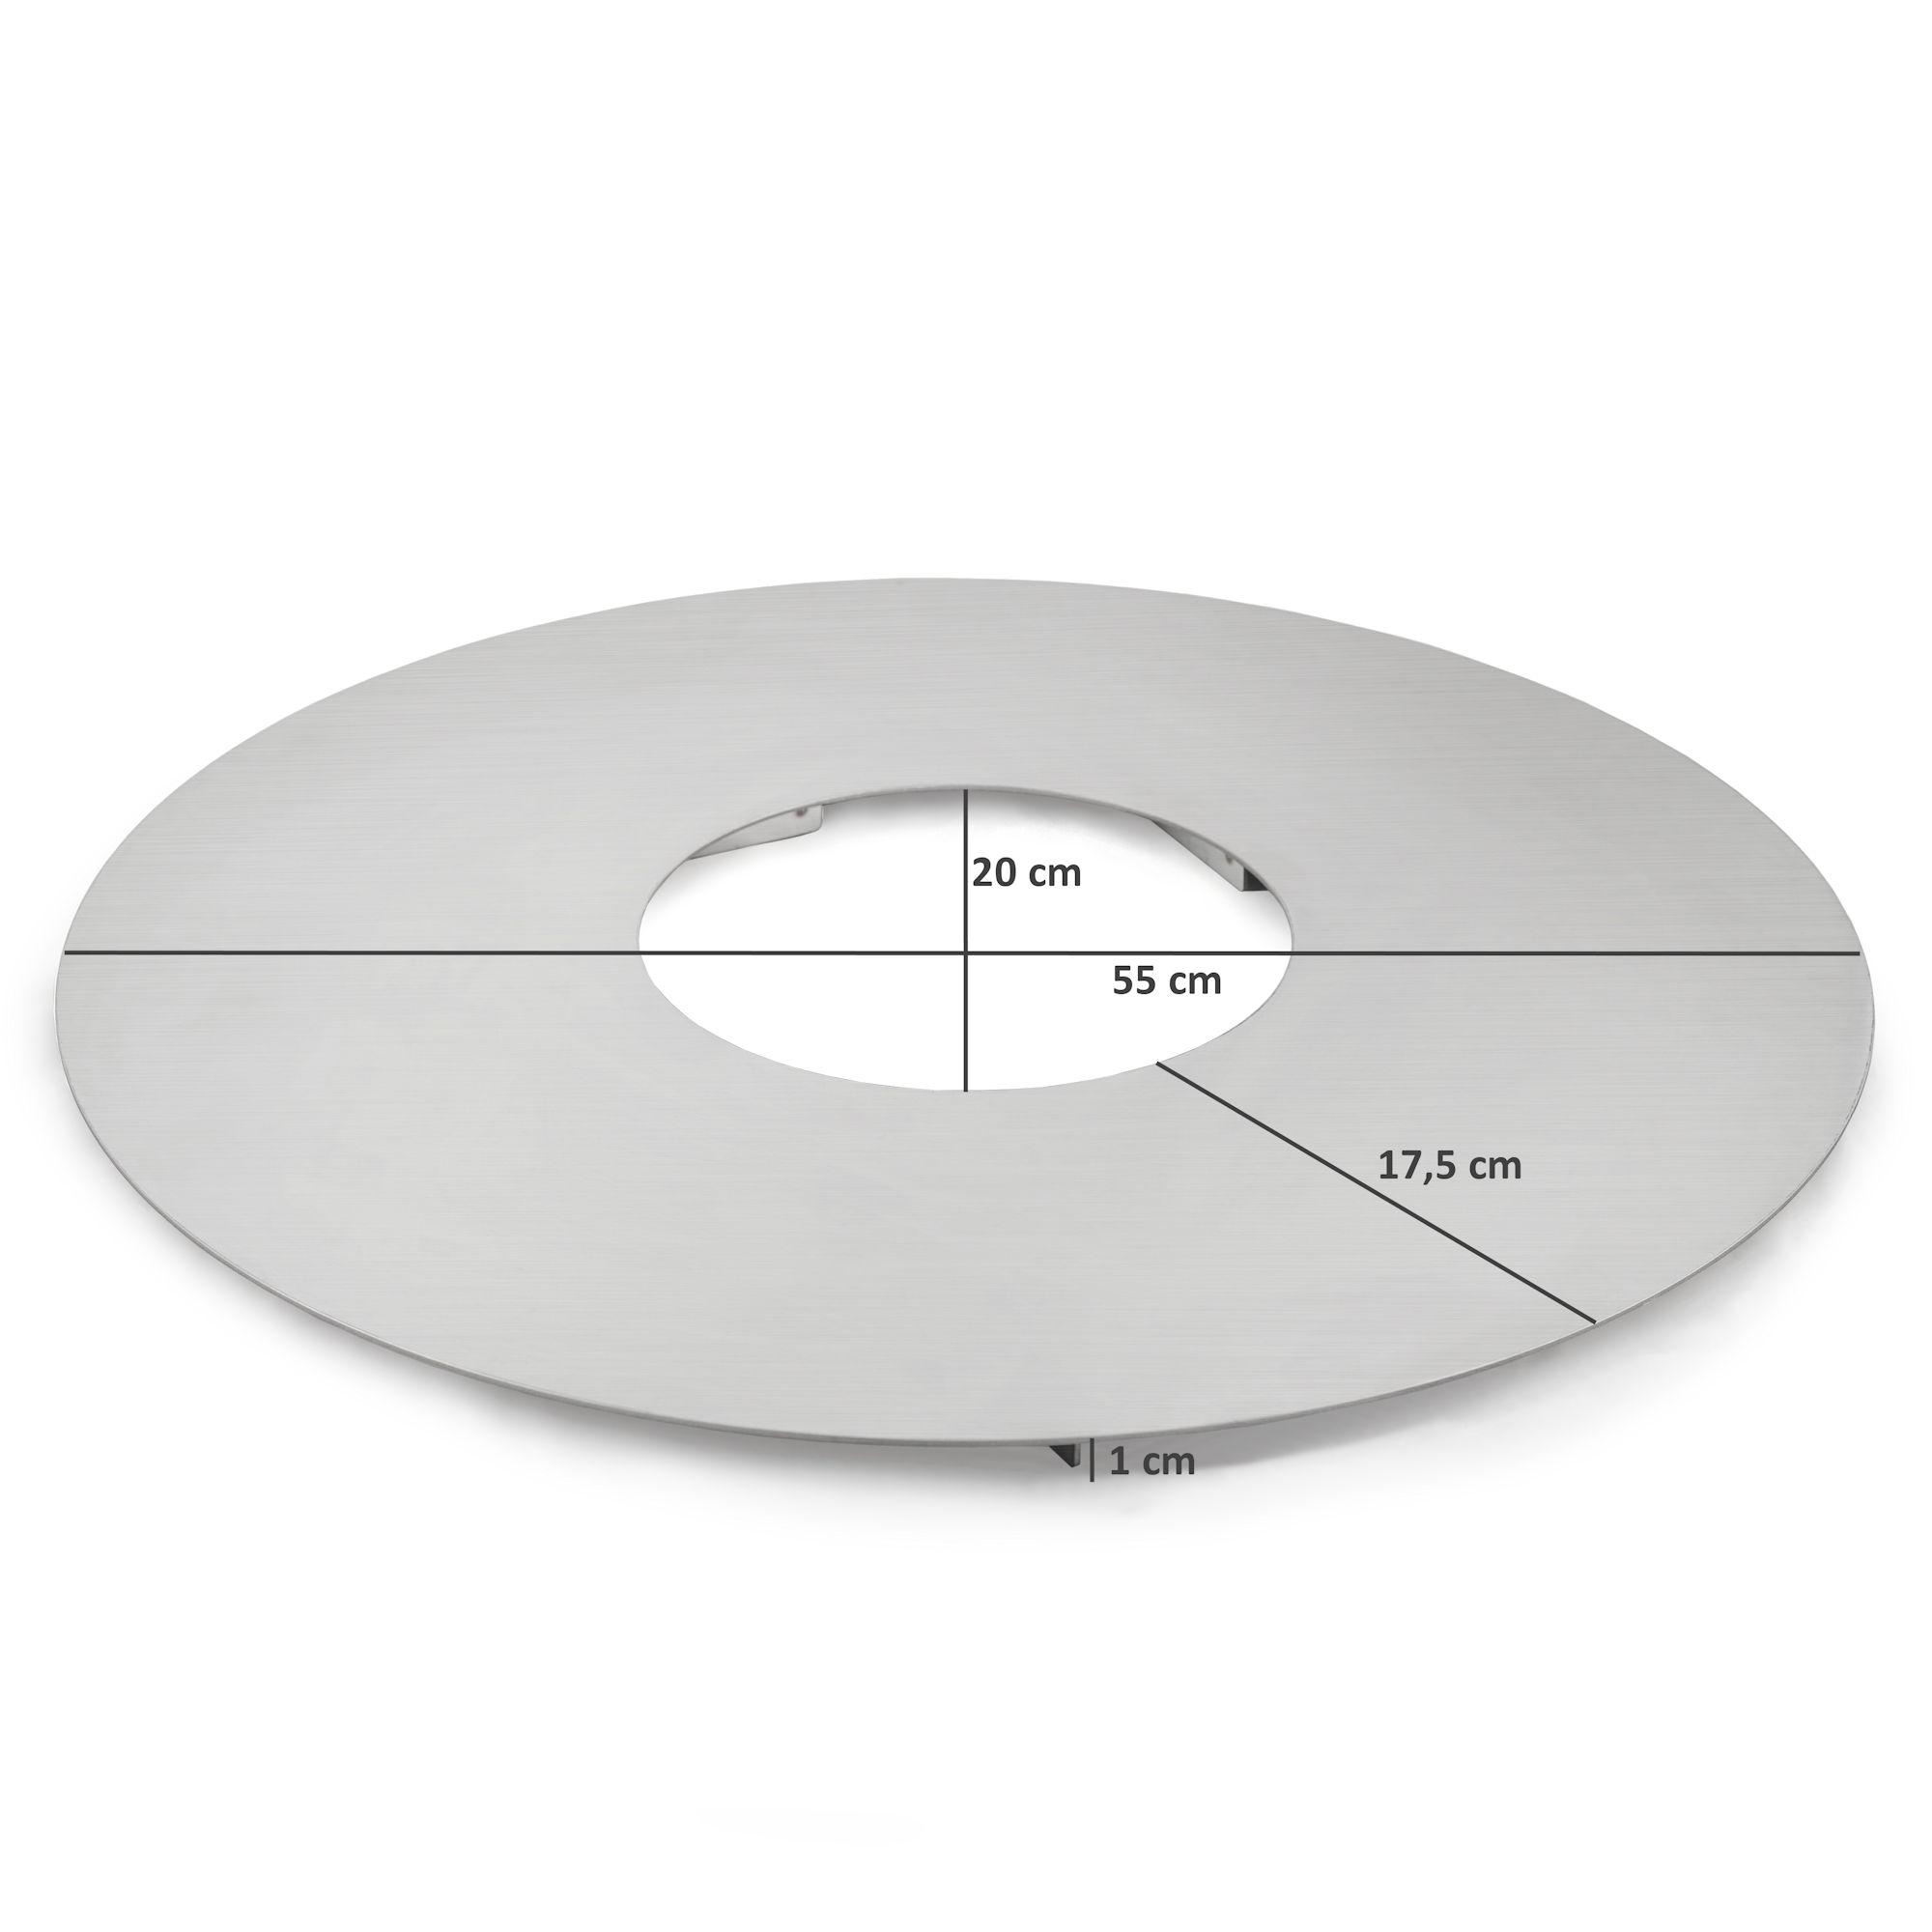 BBQ-Toro Edelstahl Grillplatte für 57er Kugelgrill